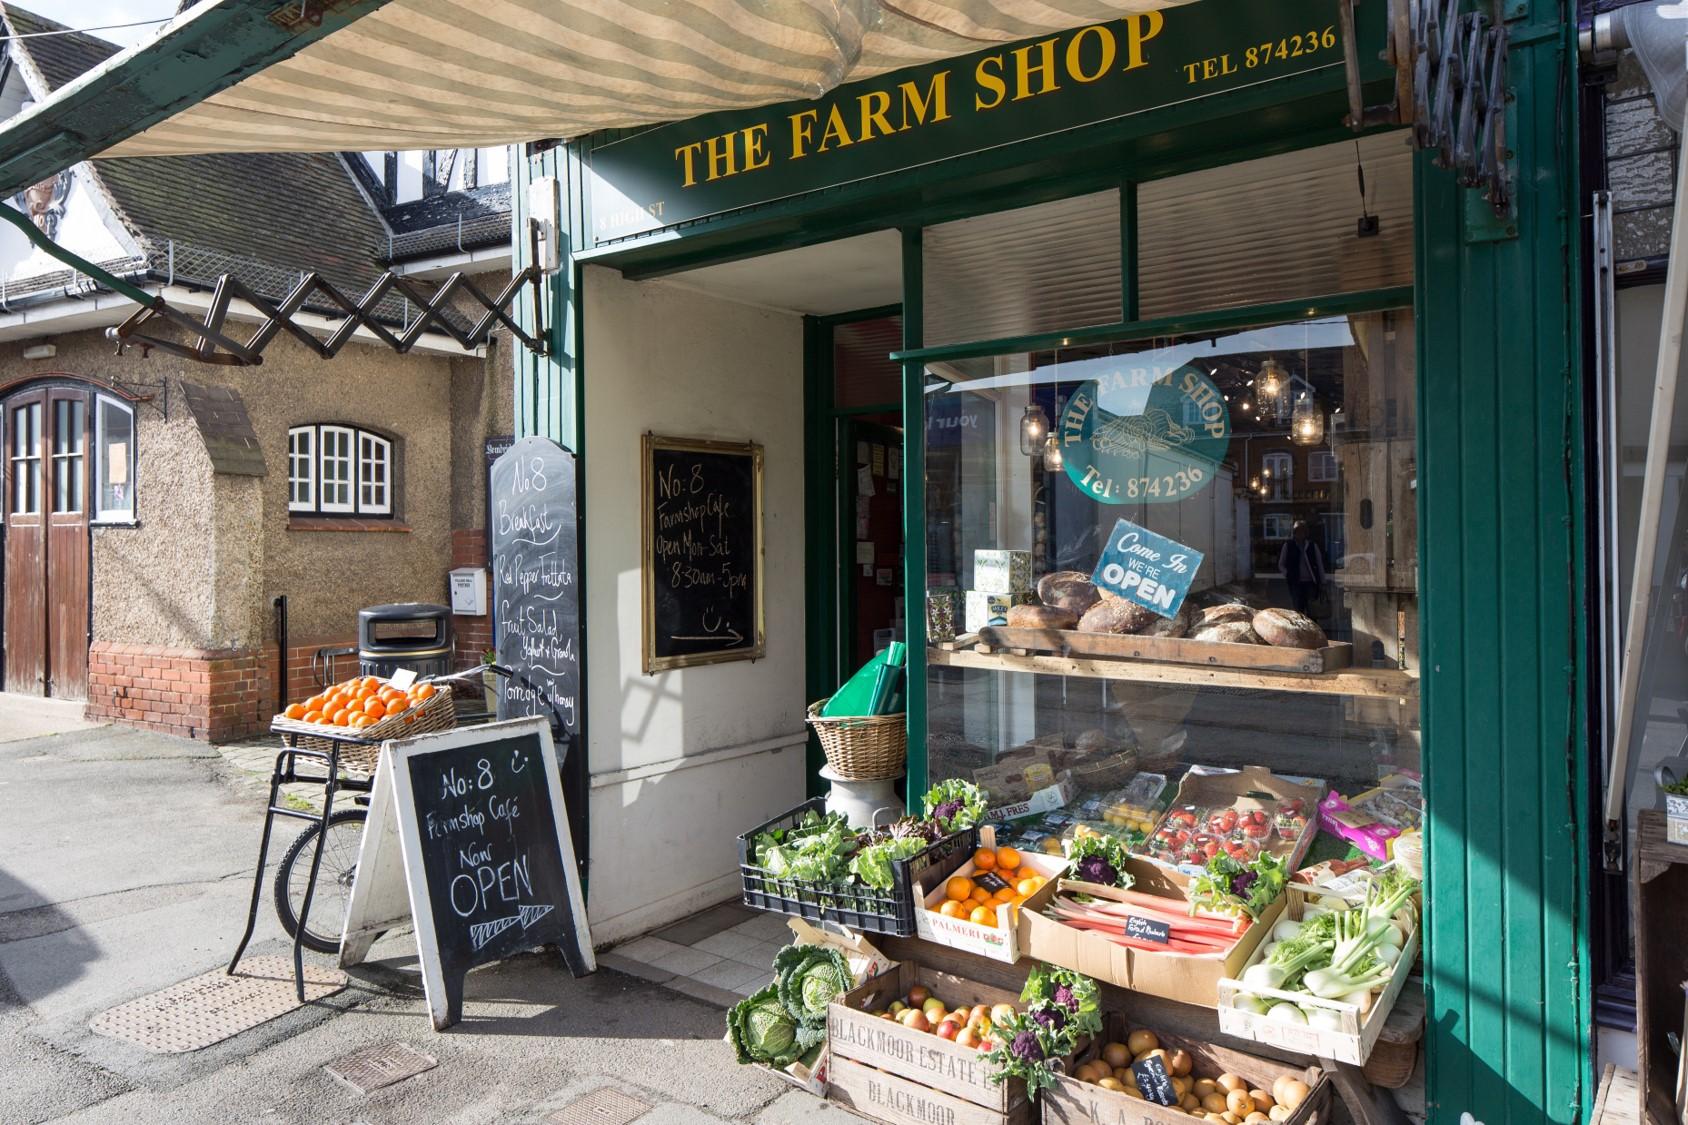 No 8 Cafe and farm shop